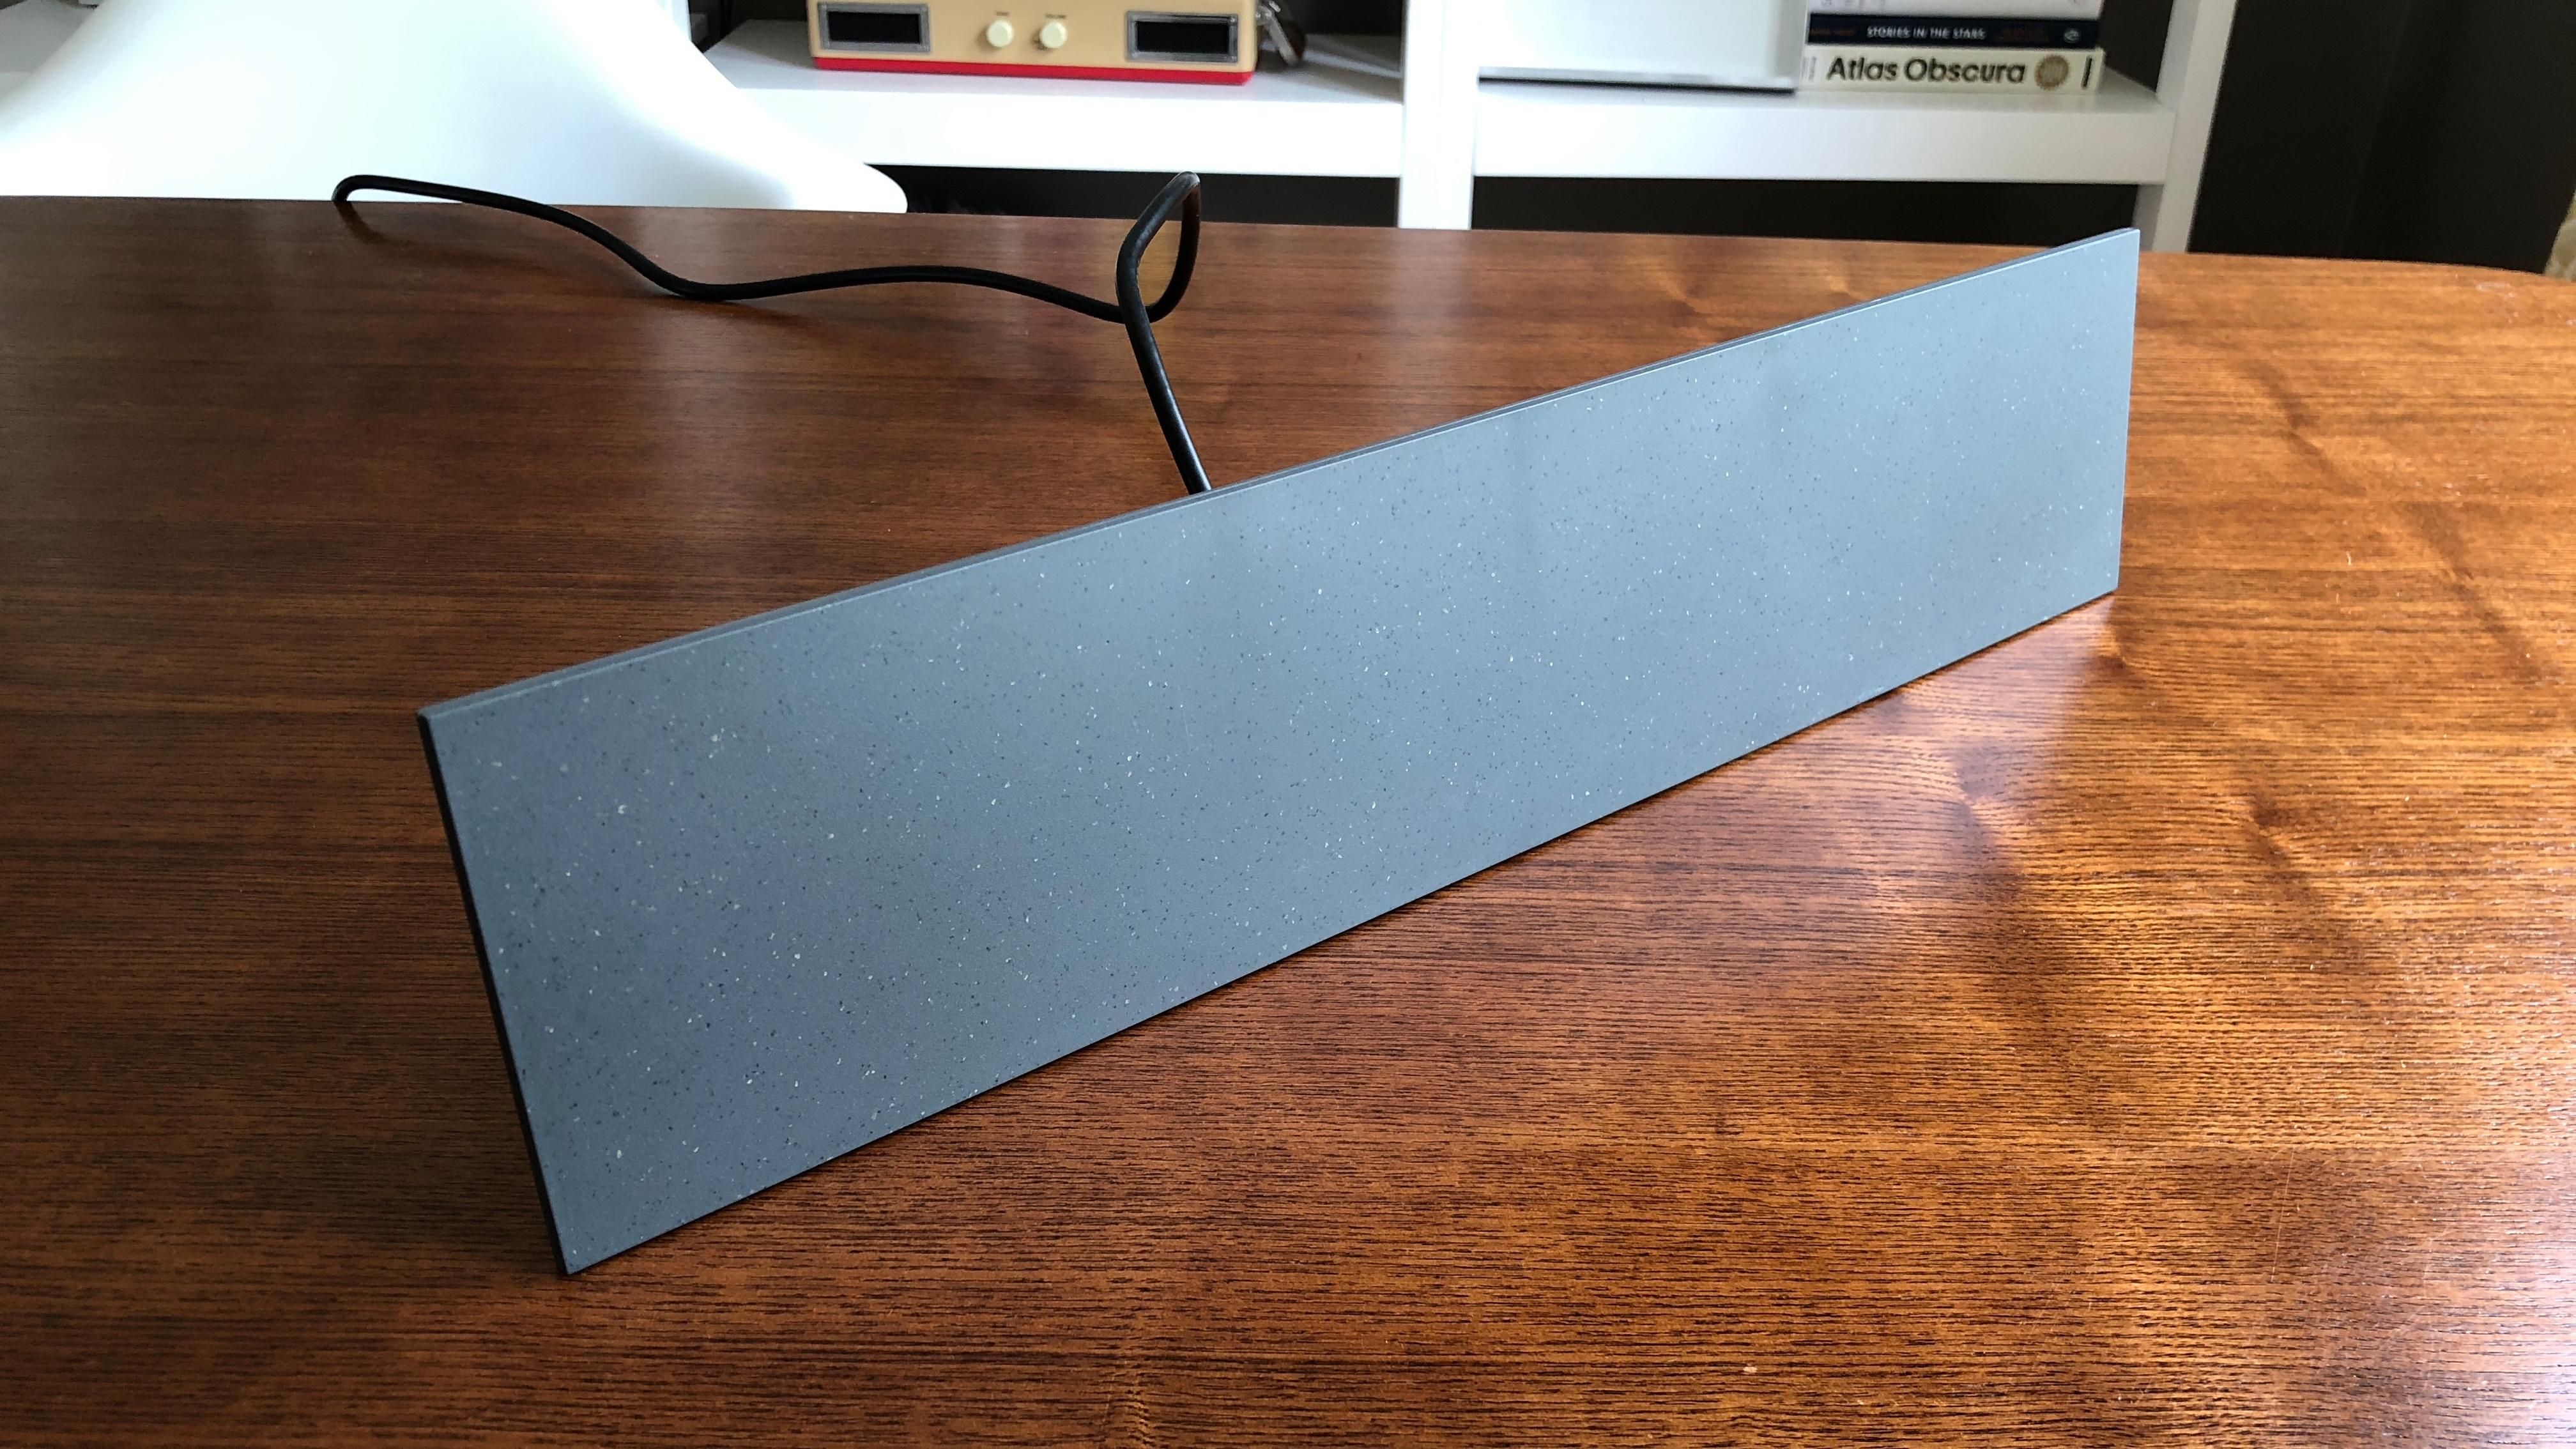 Best indoor TV antenna: Mohu Blade Indoor/Outdoor Bar Antenna